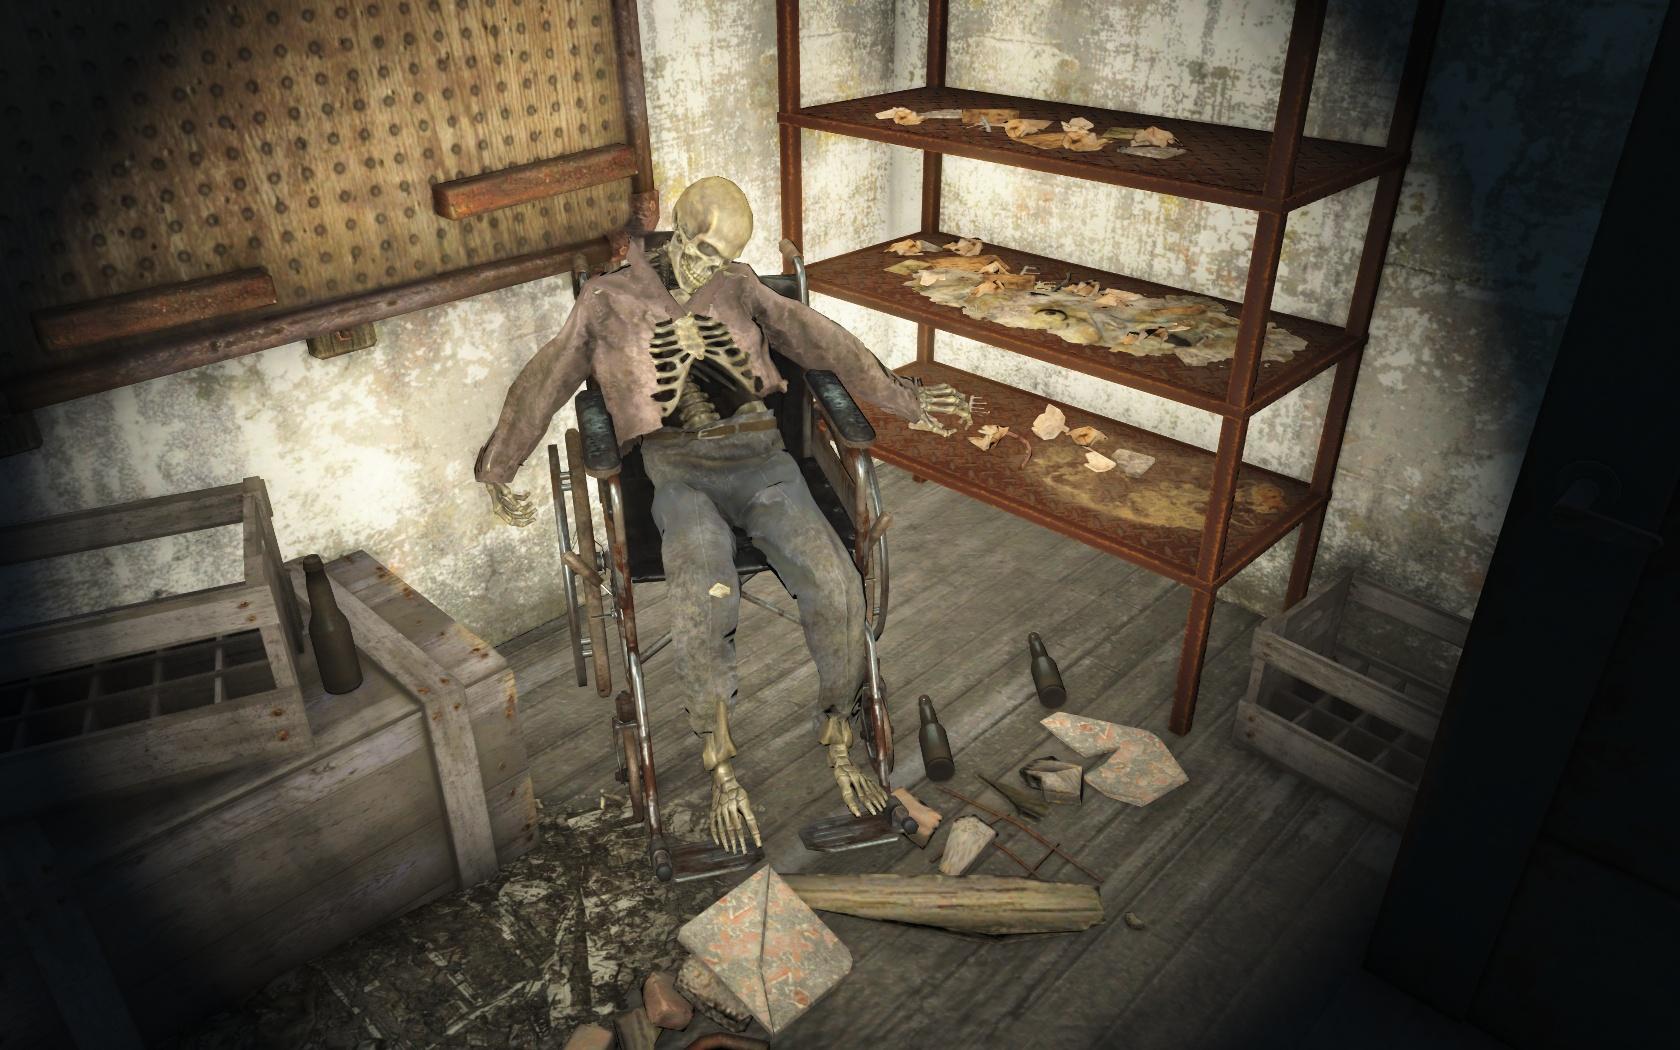 Спился от безысходности (Таинственны сосны) - Fallout 4 скелет, Таинственны сосны